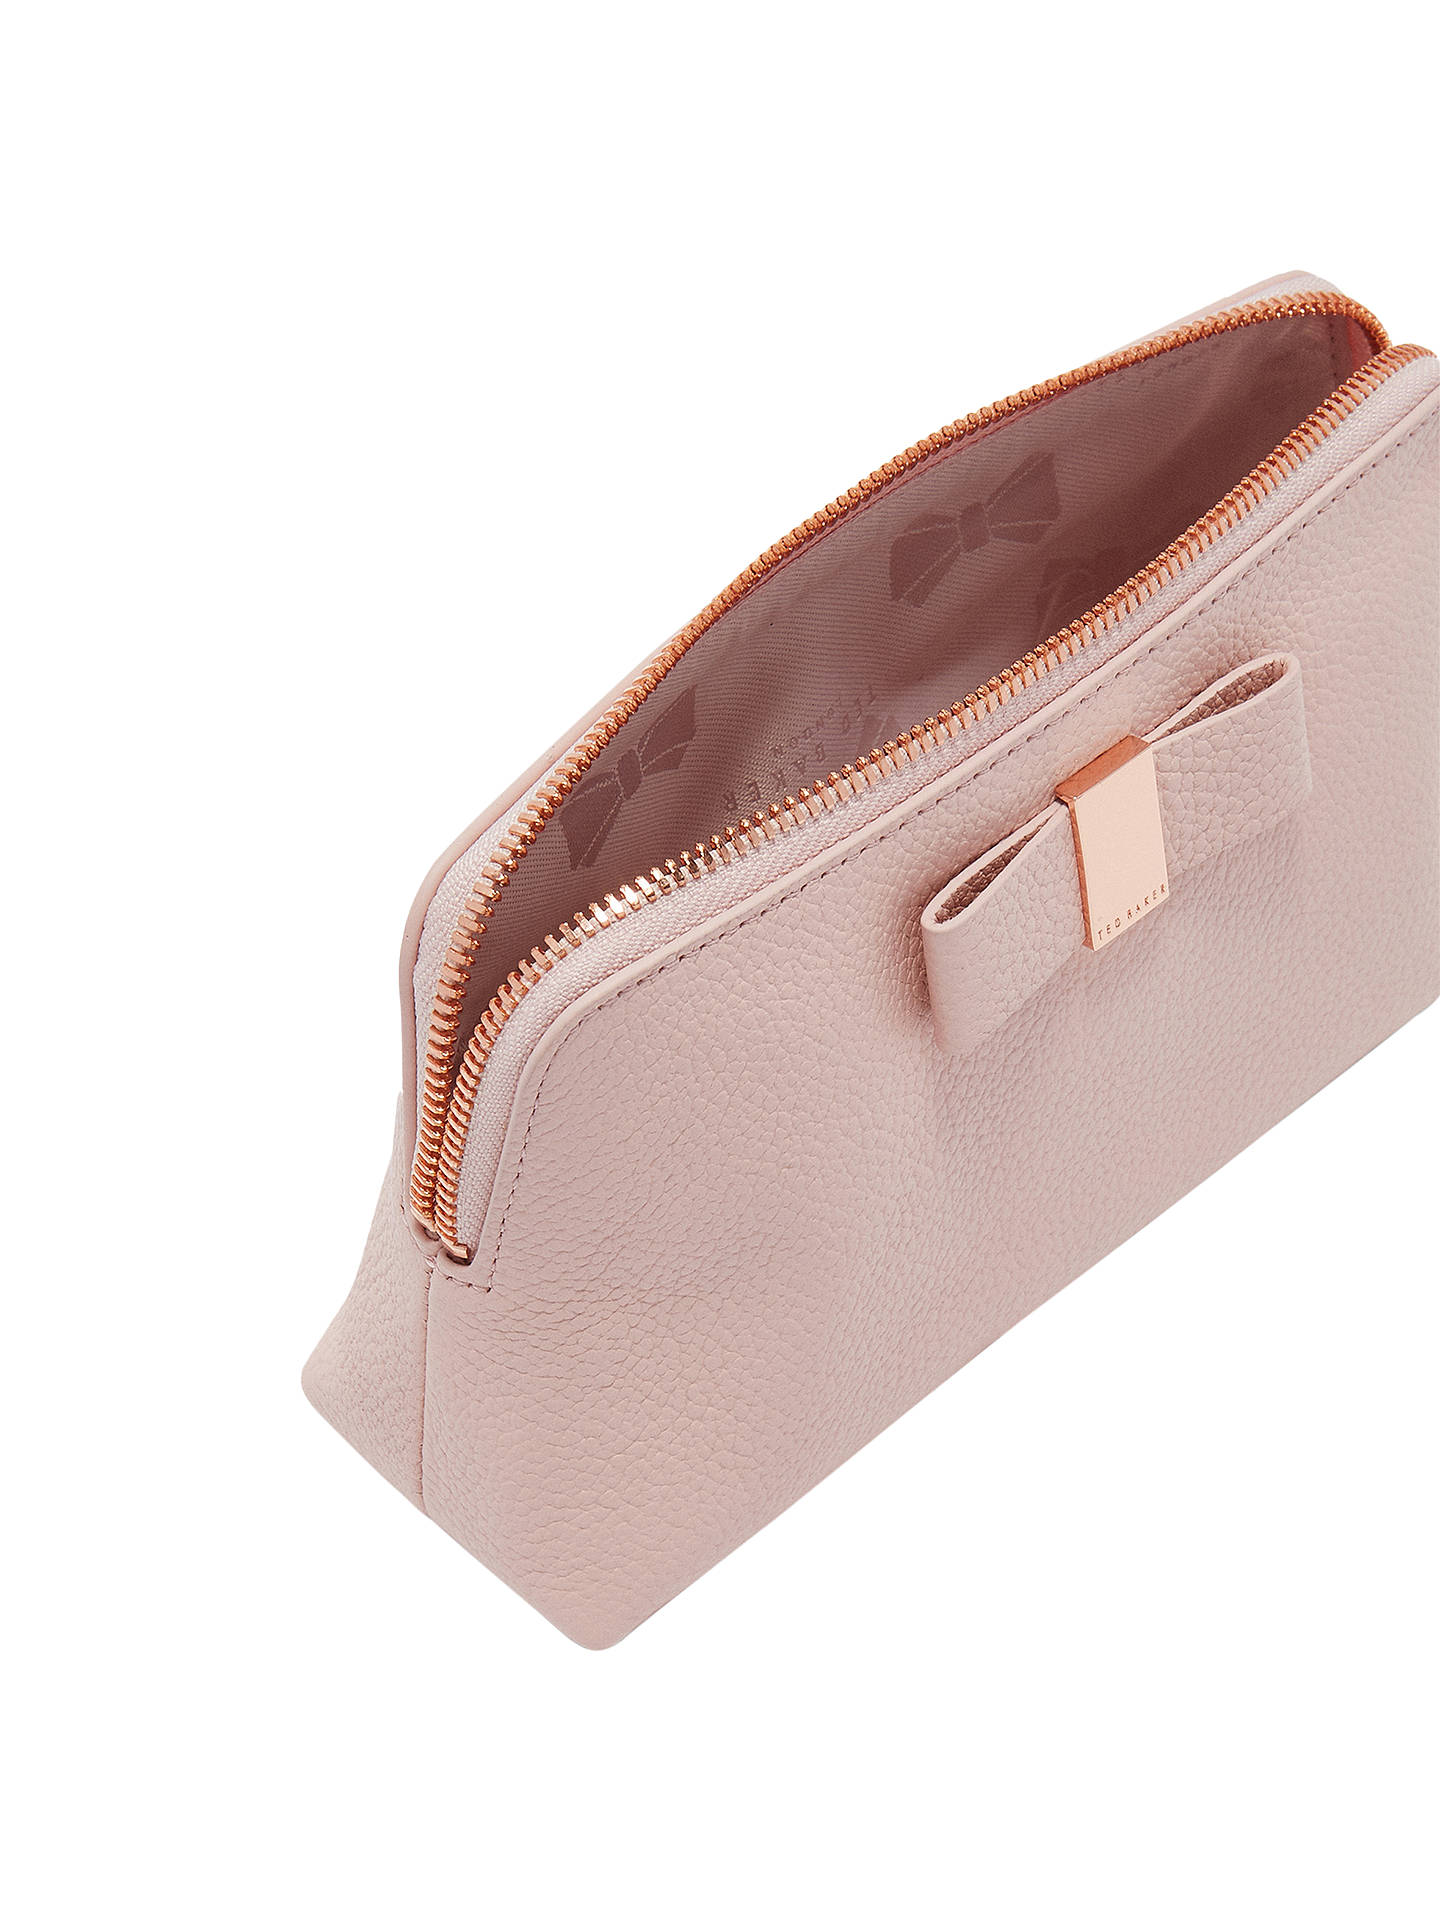 eb230e69e6 ... Buy Ted Baker Dennis Leather Bow Makeup Bag, Light Pink Online at  johnlewis.com ...